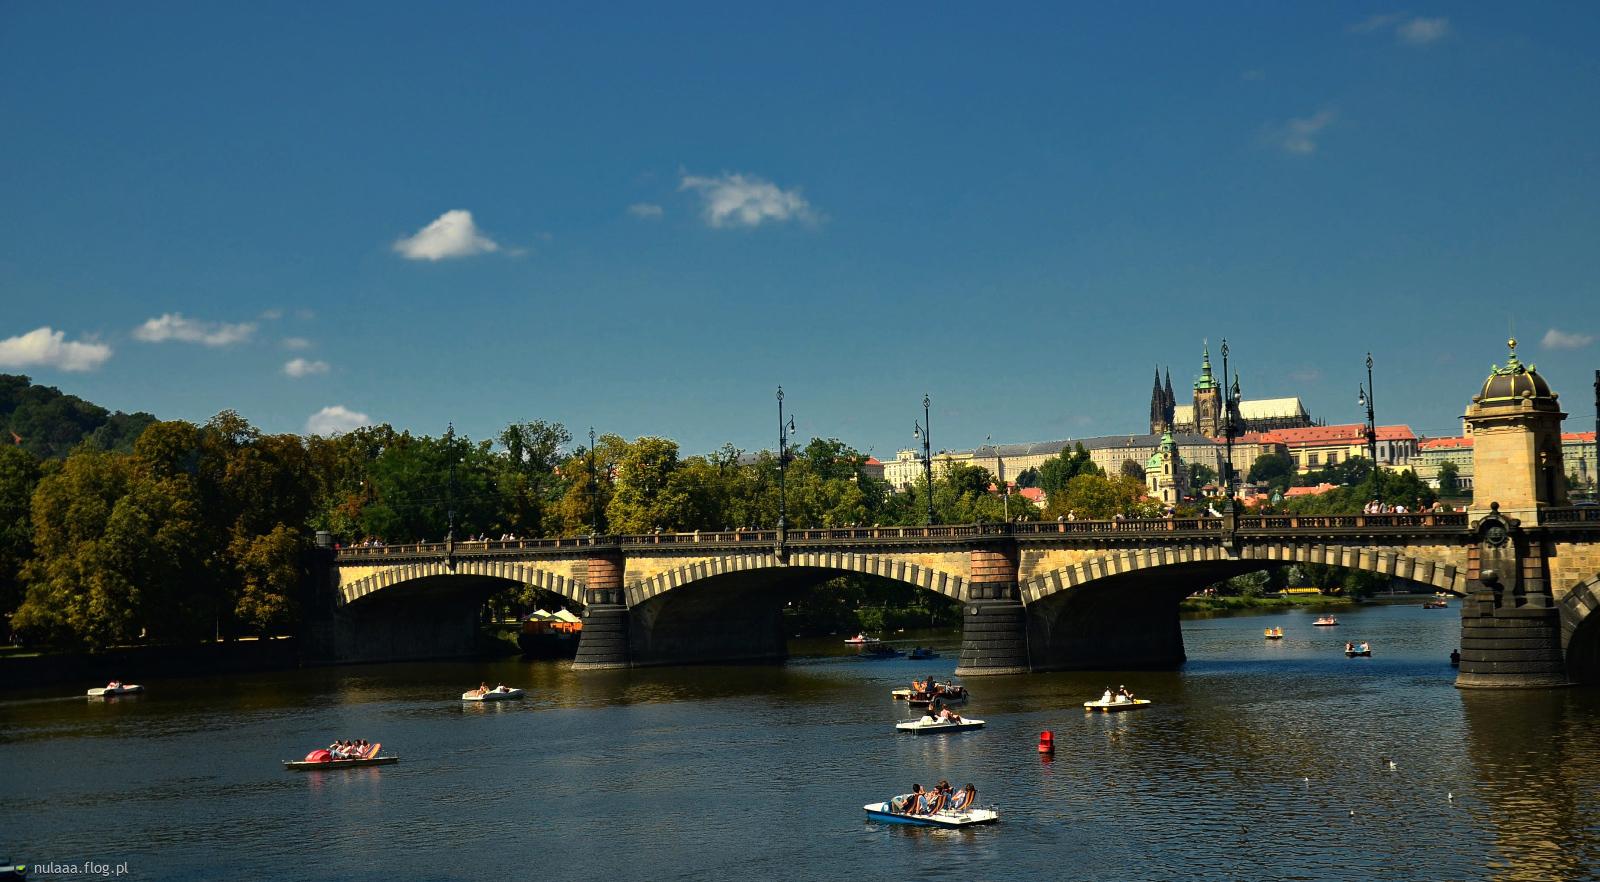 Na dobranoc trochę klimatu miejskiego) Przepiękna Praga:)